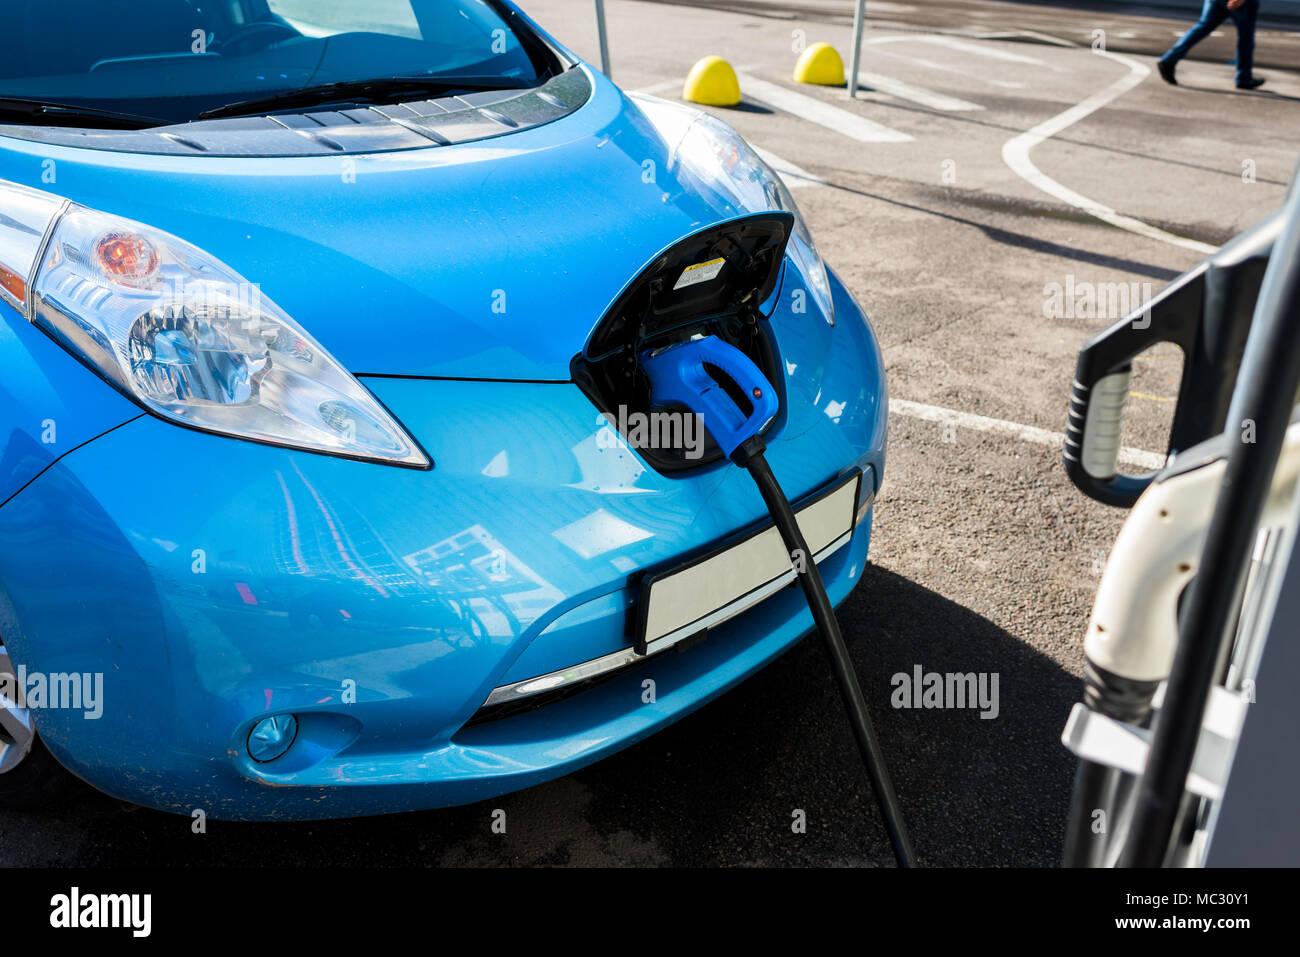 Auto elettrica in prossimità della stazione di carica Immagini Stock